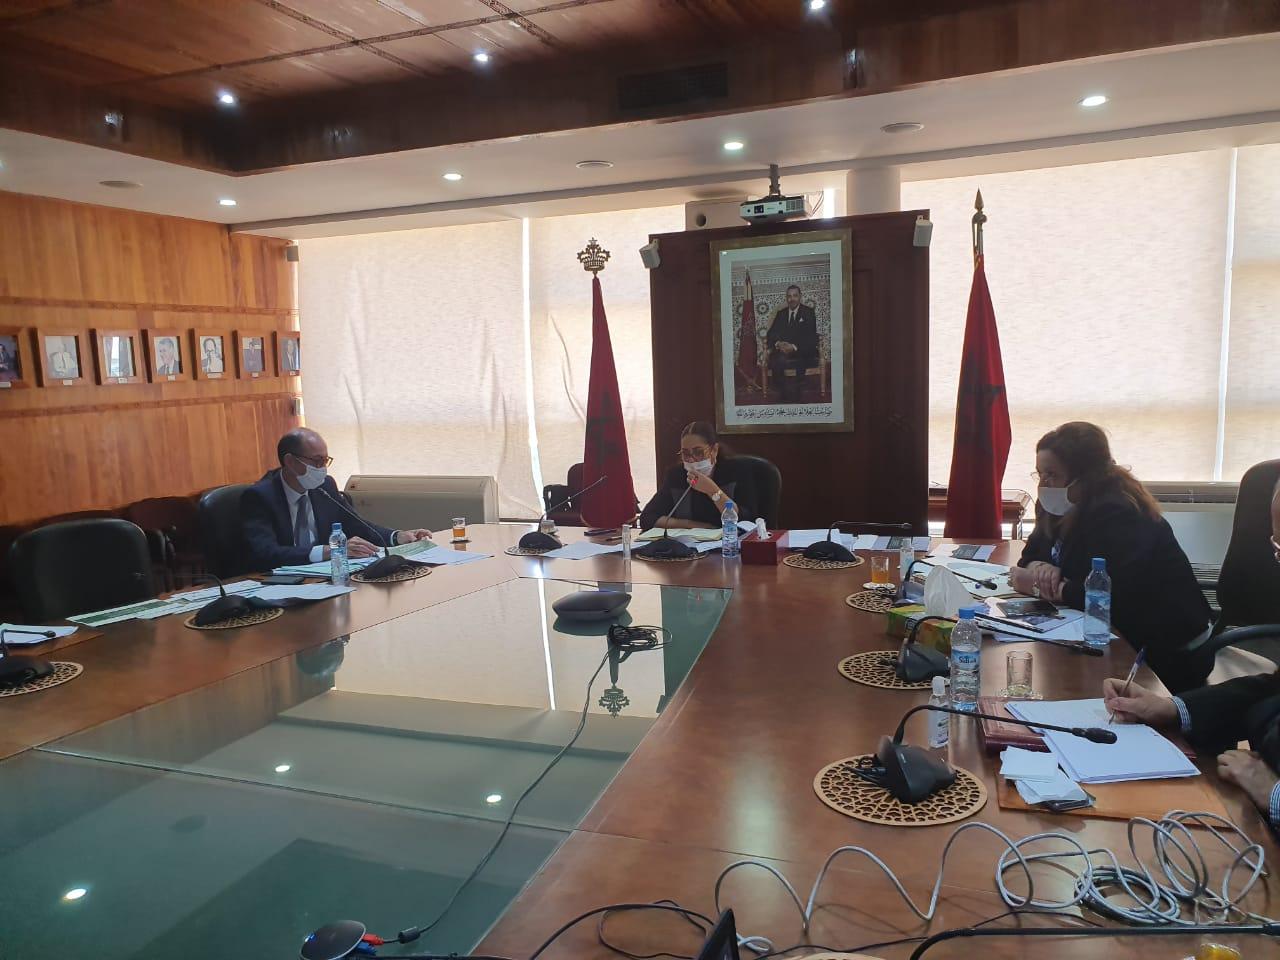 Groupe Al Omrane présente son plan de reprise des chantiers de construction et d'aménagement